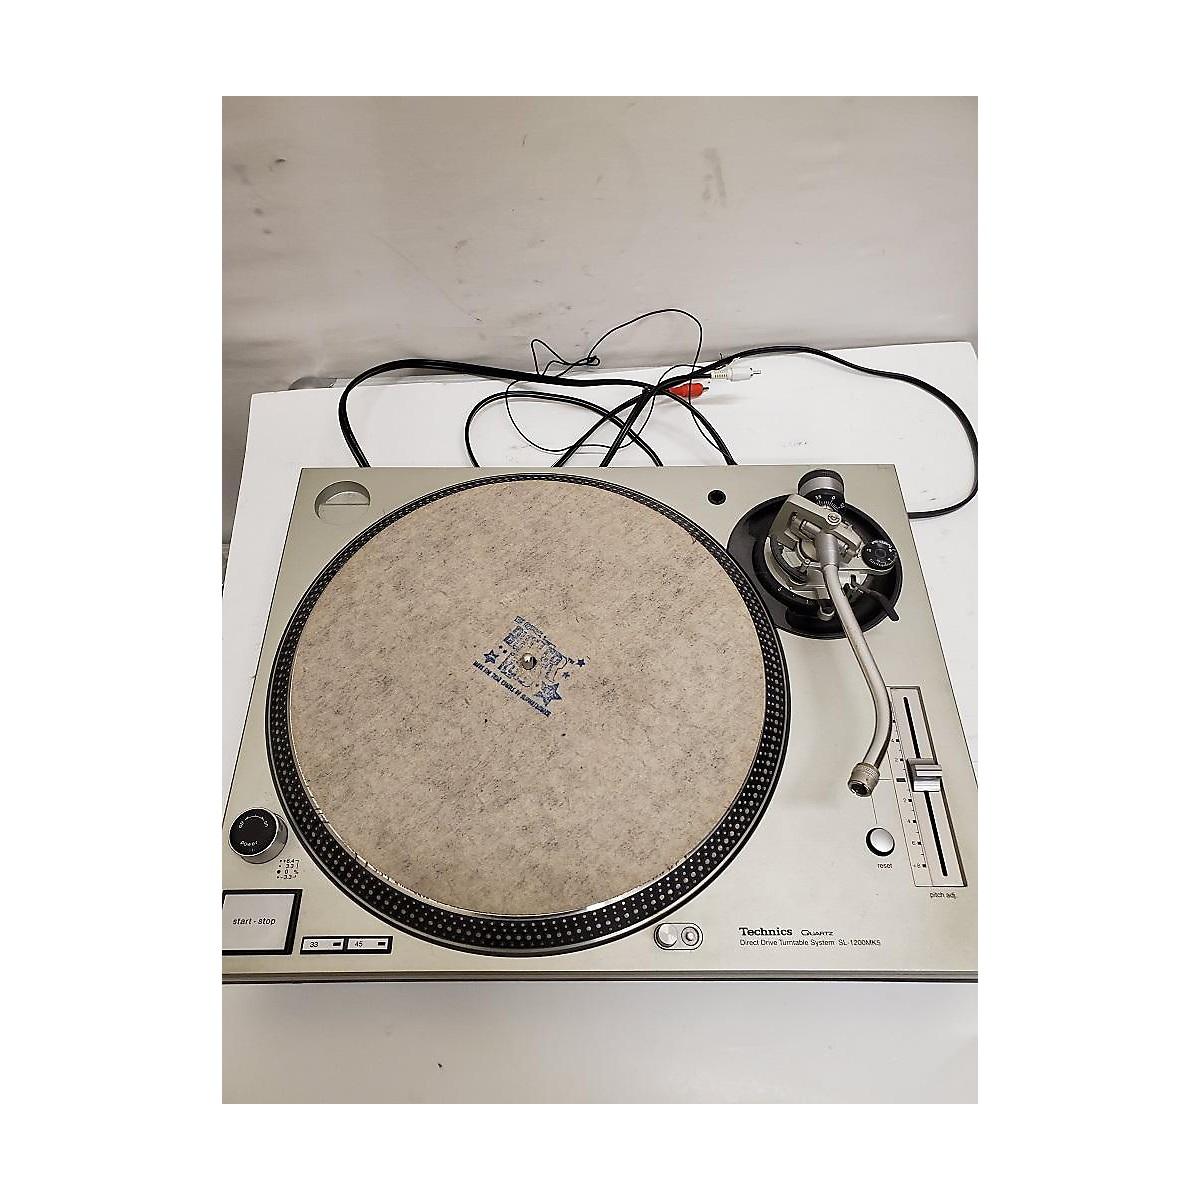 Technics 2000s SL1200MK5 Turntable